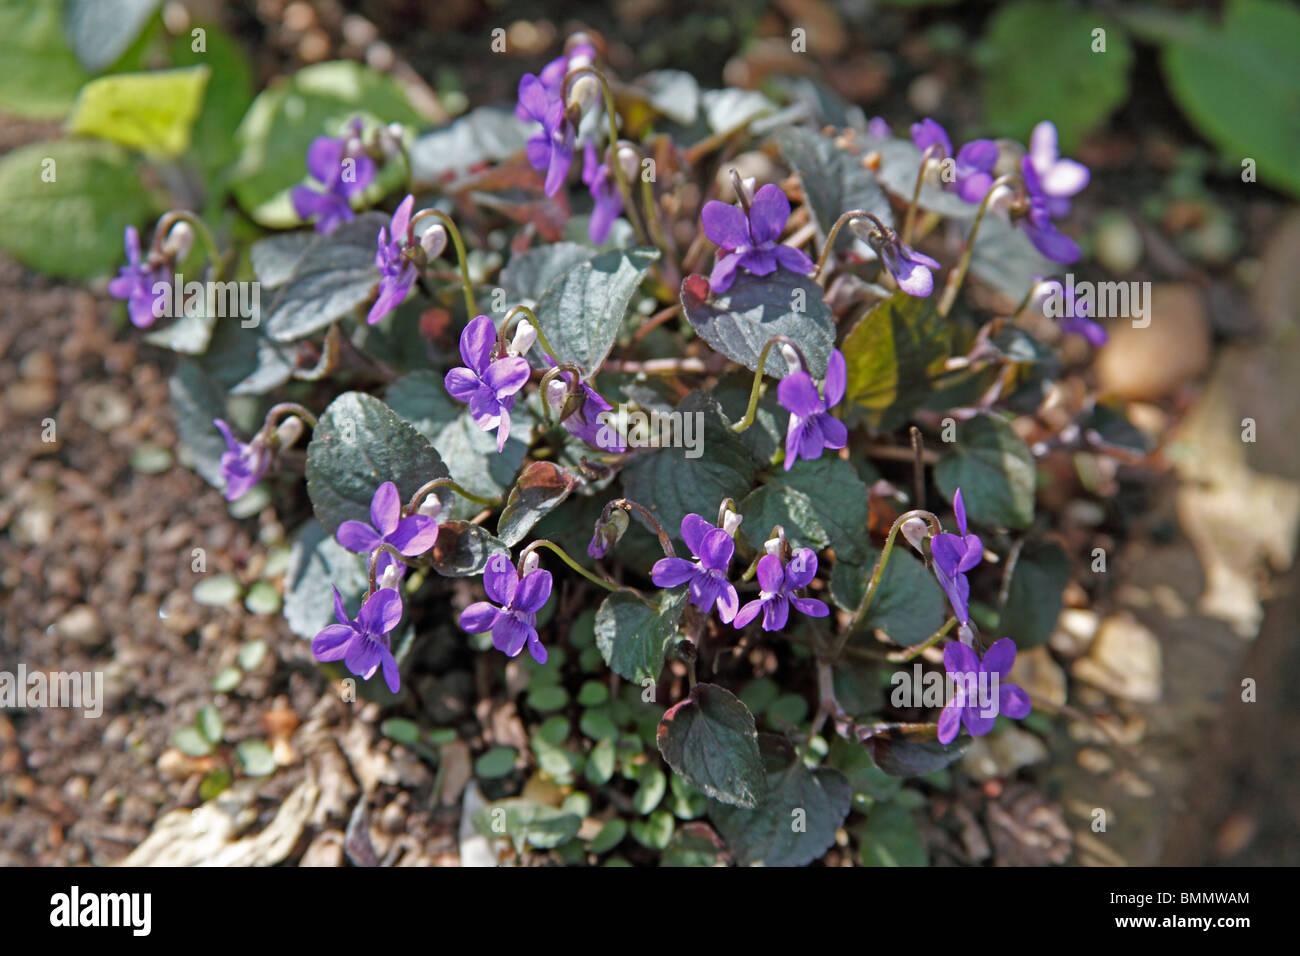 Dog violet (Viola riviniana) plants in flower - Stock Image